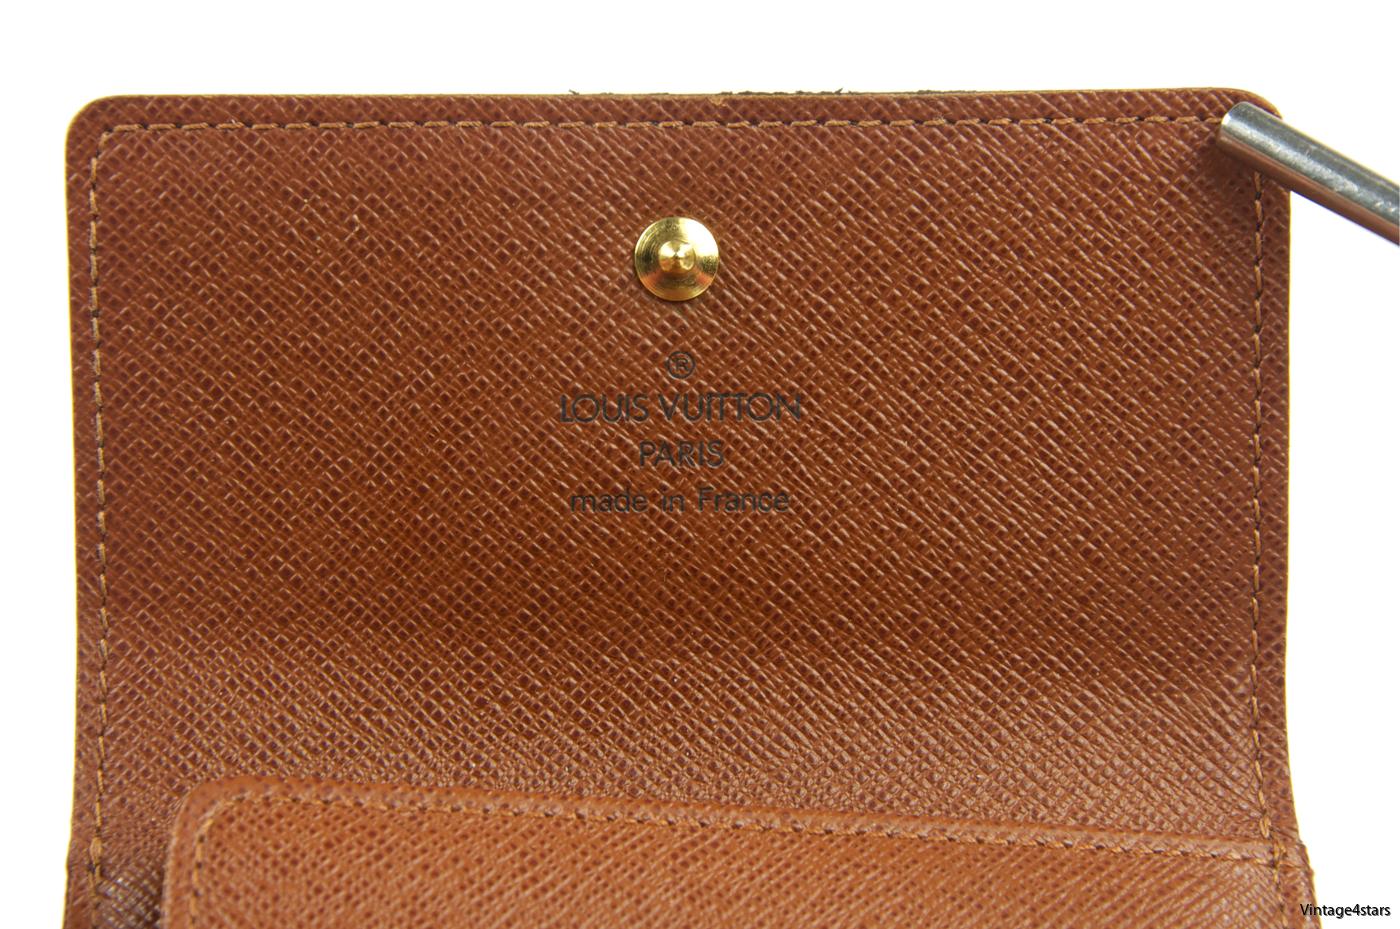 Louis Vuitton Portefeiulle Elise Trifold 205